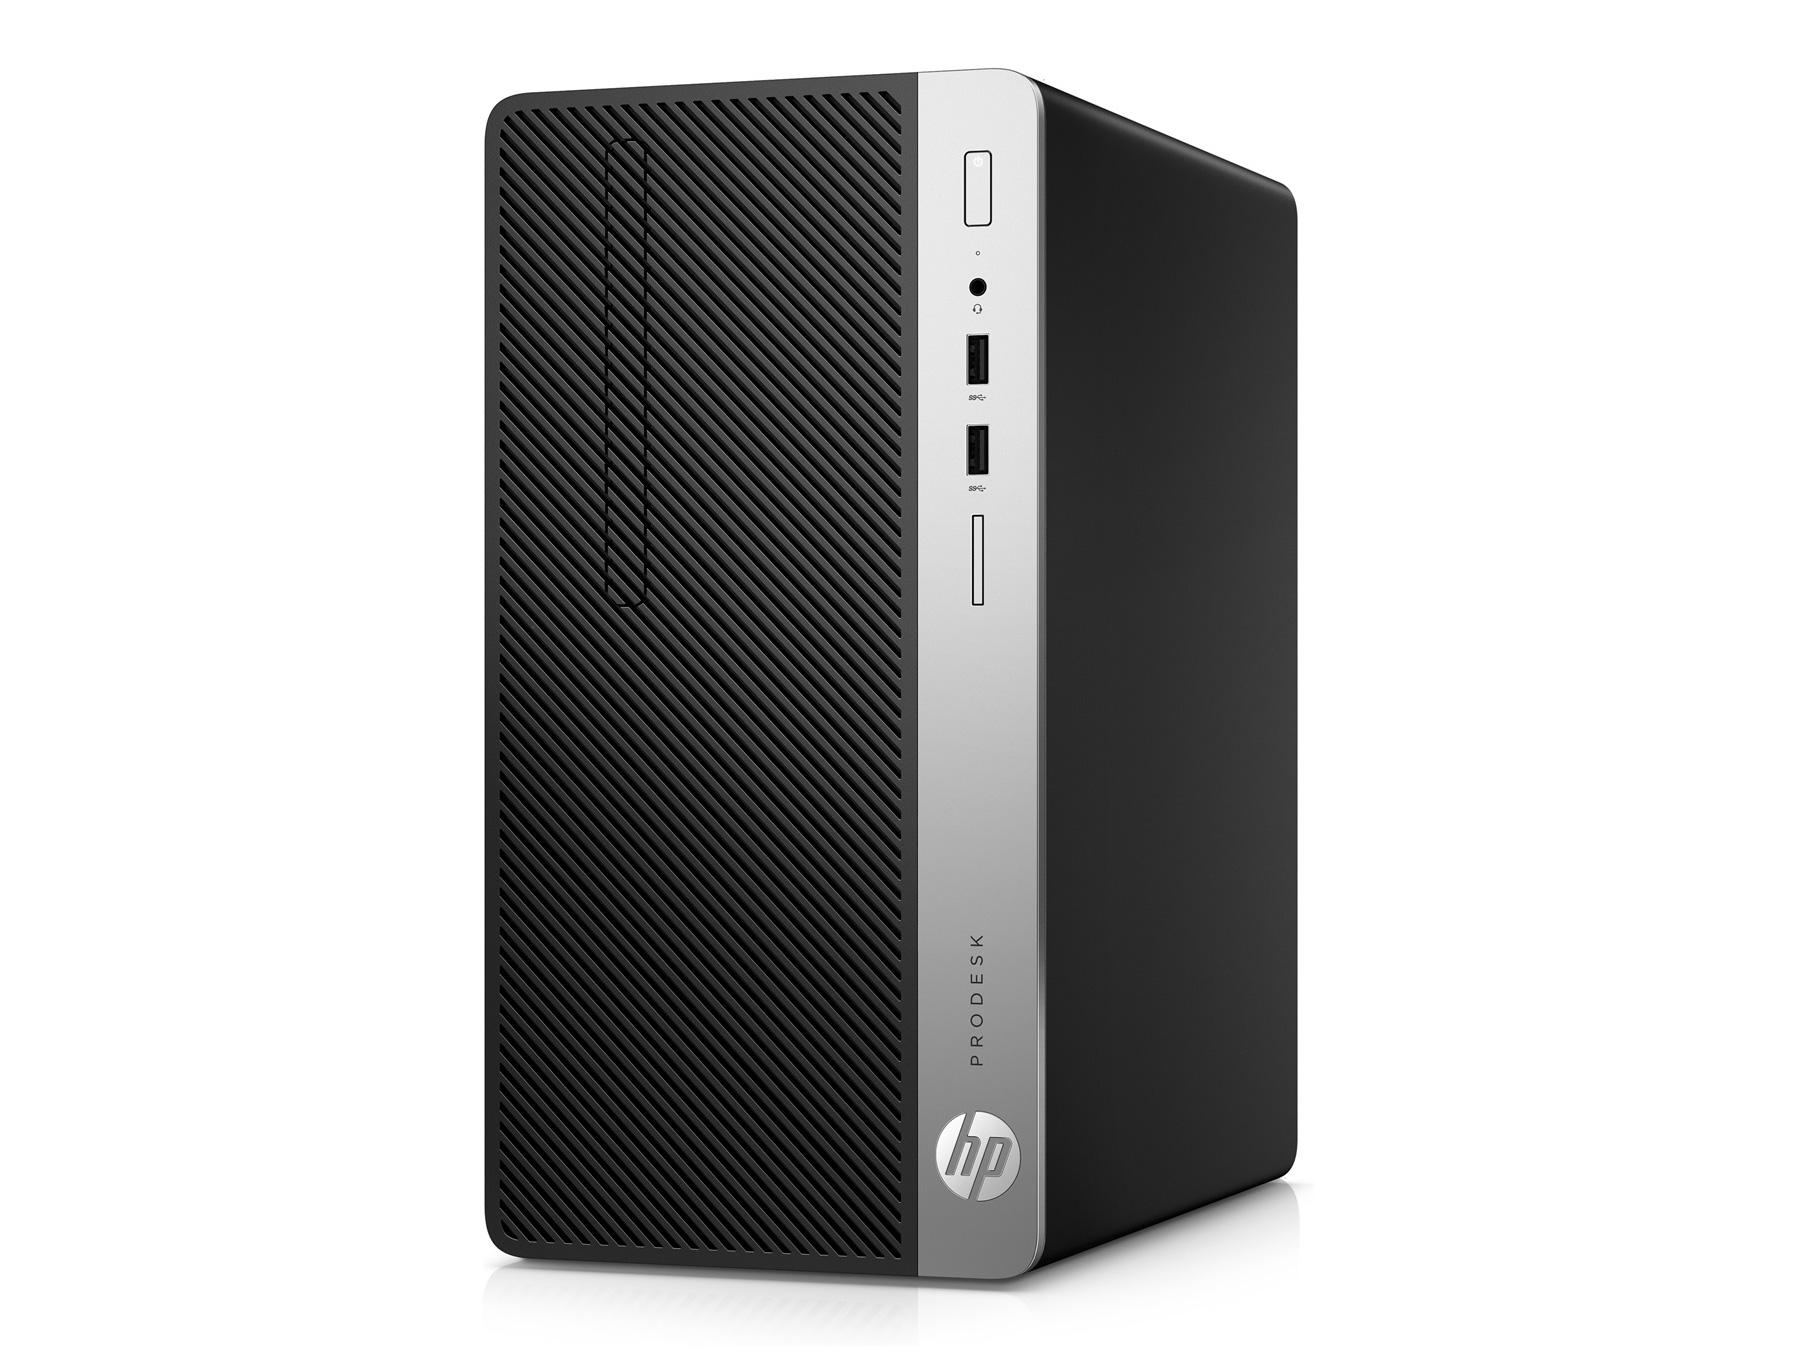 Máy tính để bàn (PC) HP ProDesk 400 G5 MT i5-8500(6*3.0)/4GD4/1T7/DVDRW/KB/M/ĐEN/DOS/2G_R7-430 (4ST34PA)